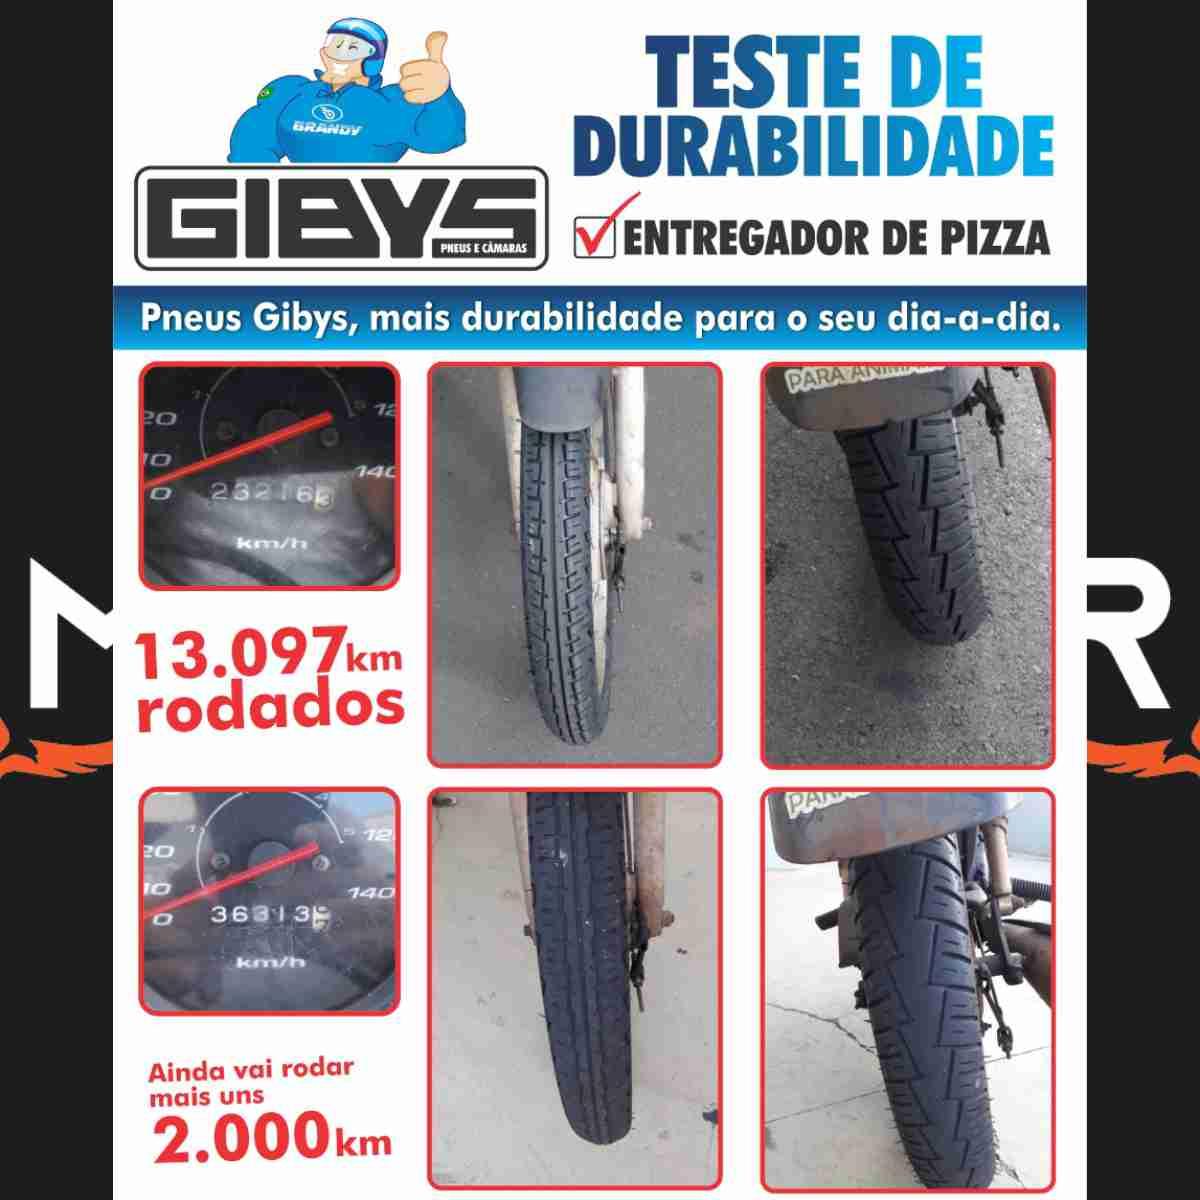 KIT PNEU DE MOTO DIANTEIRO BIZ 125 110i C100 POP 100 GIBYS 60/100-17 33L + CÂMARA DE AR RODA 17